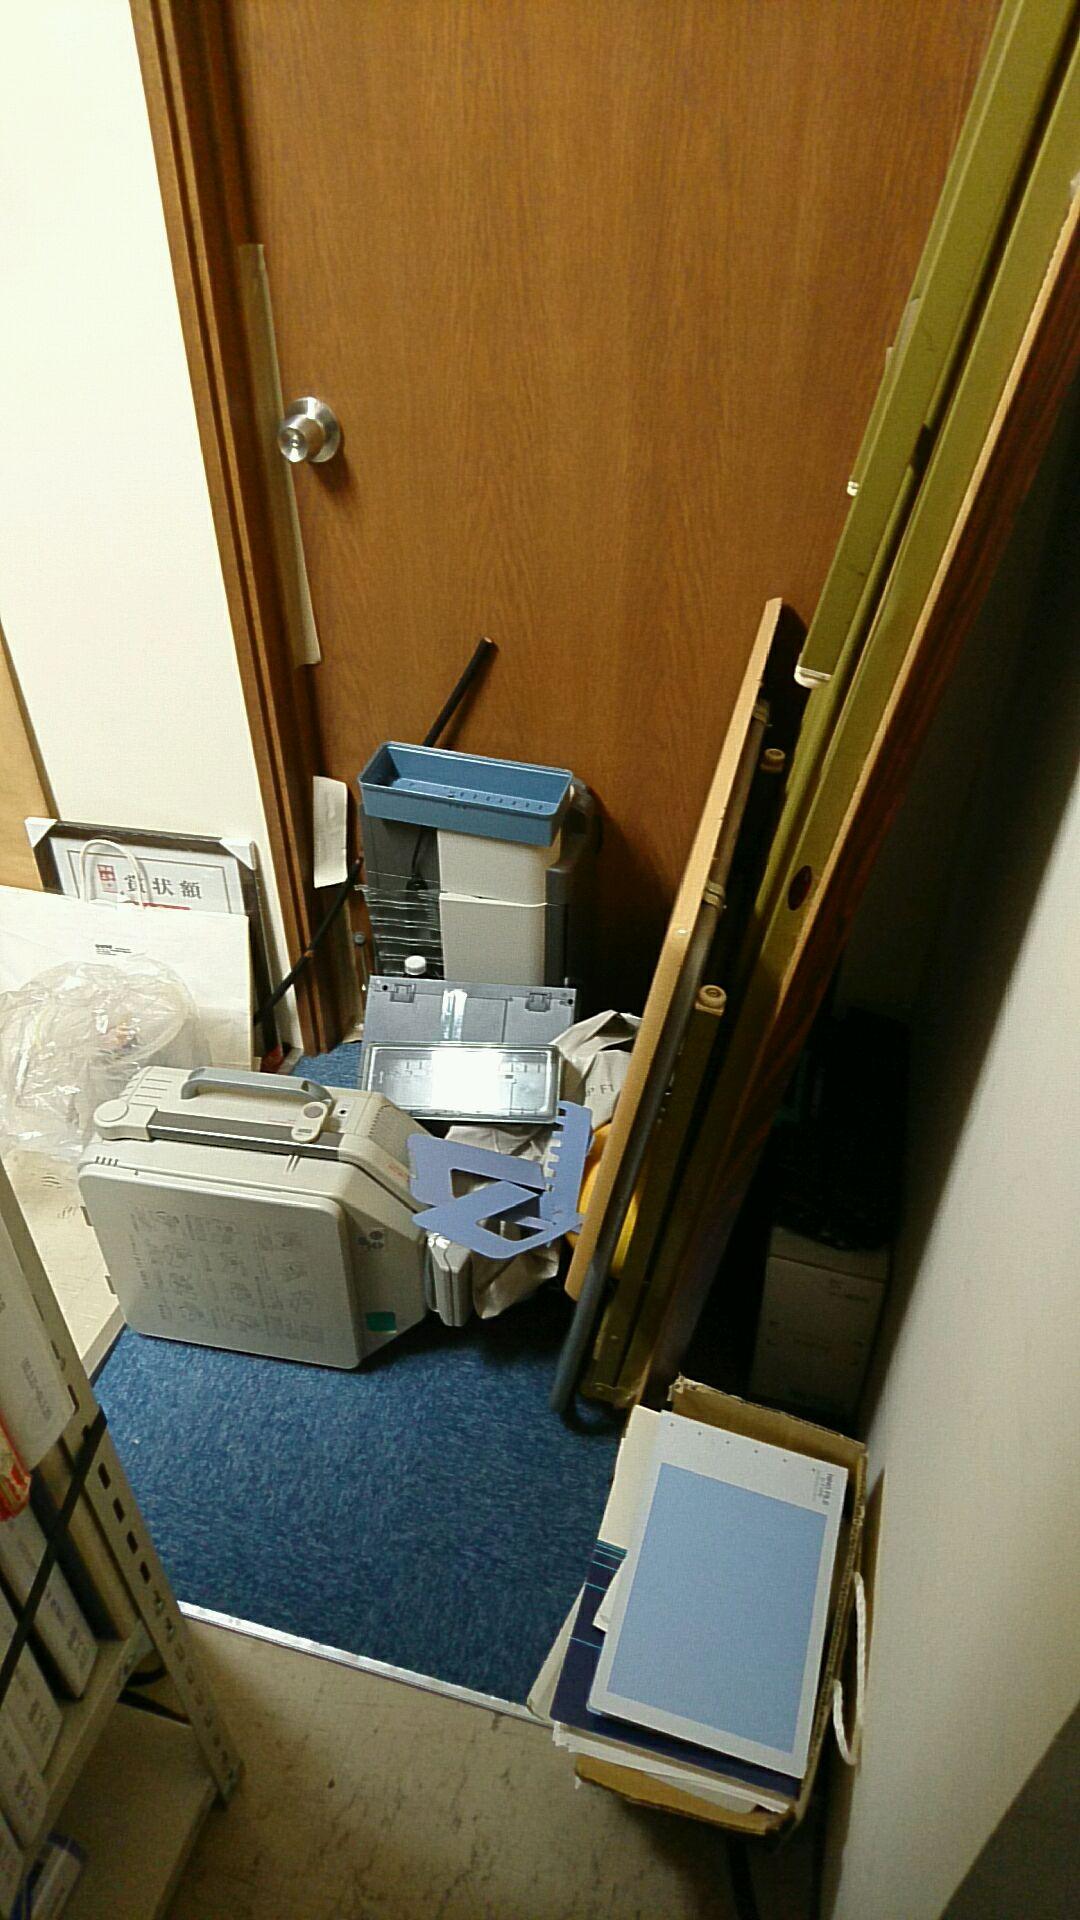 【愛知県名古屋市東区】オフィス移転に伴う倉庫内のロングテーブルや事務用品の処分